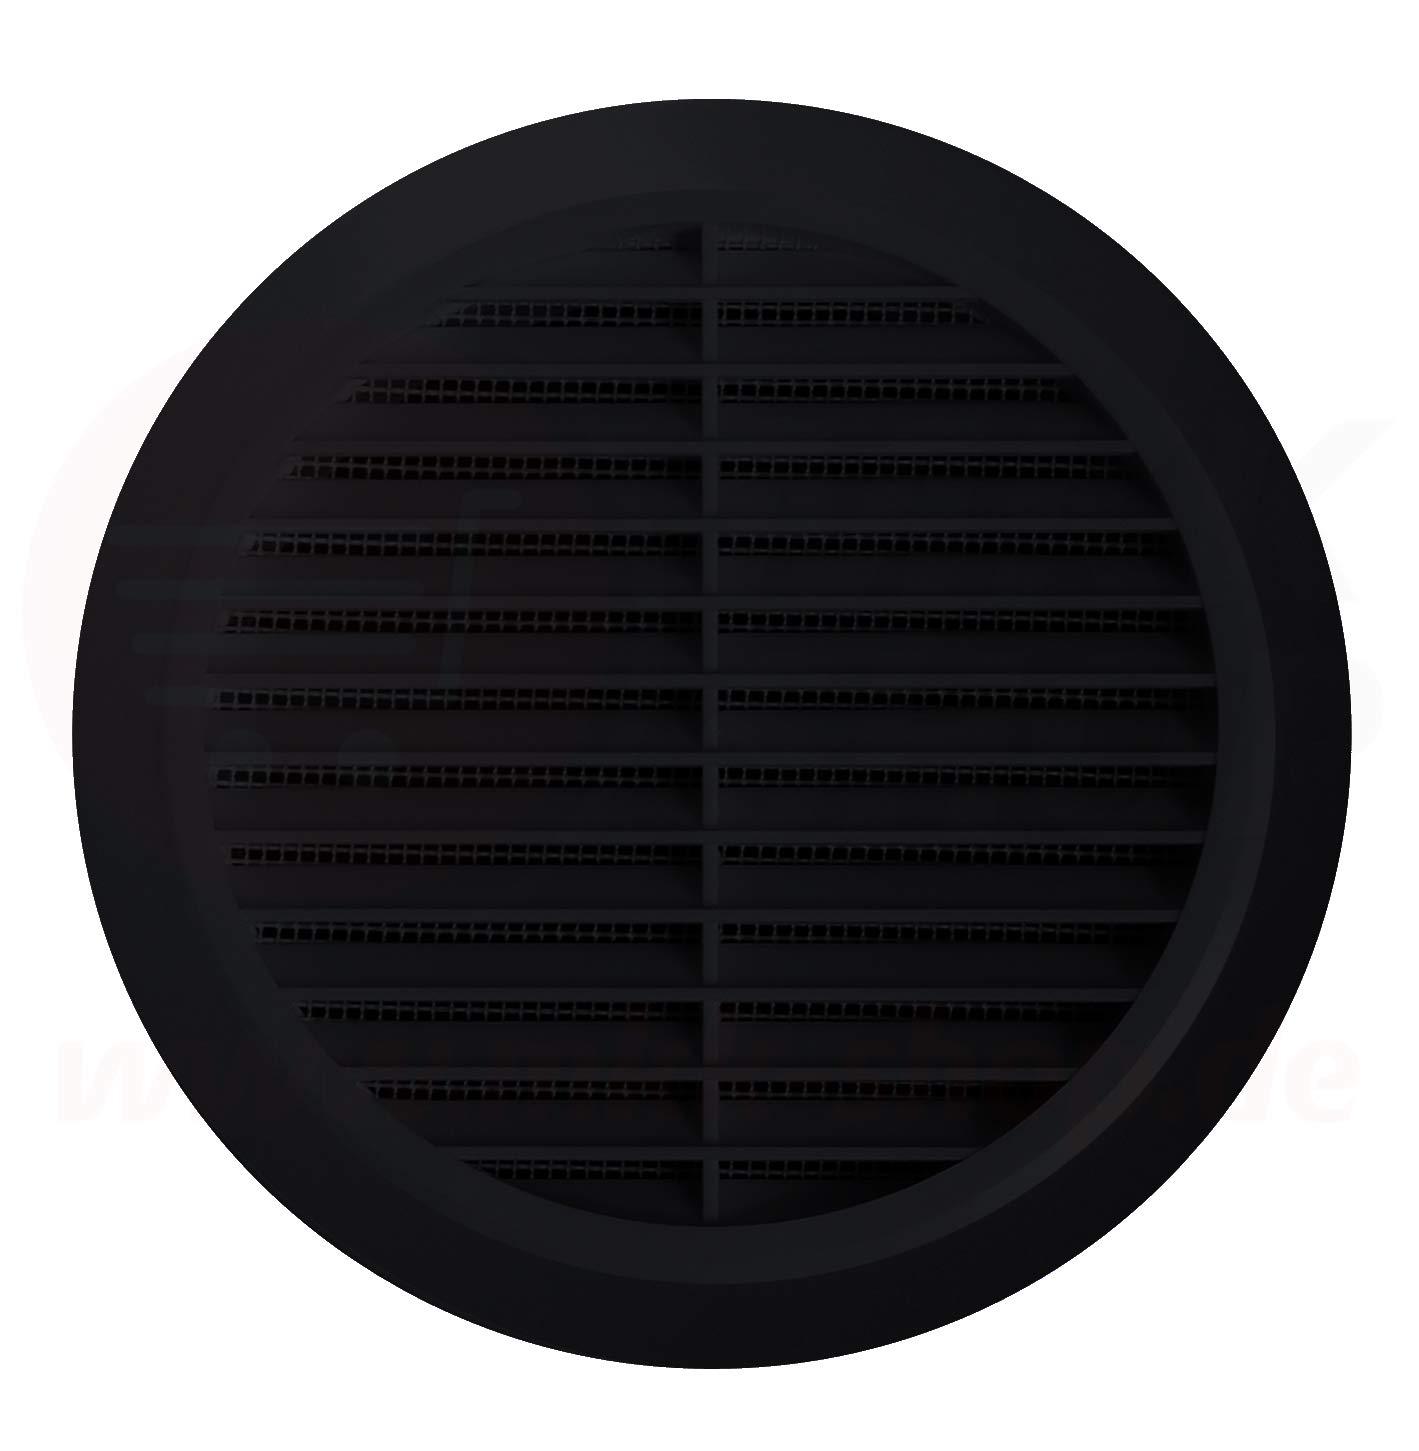 En plastique /Ø 60 mm Grille de ventilation ronde pour insectes Noir